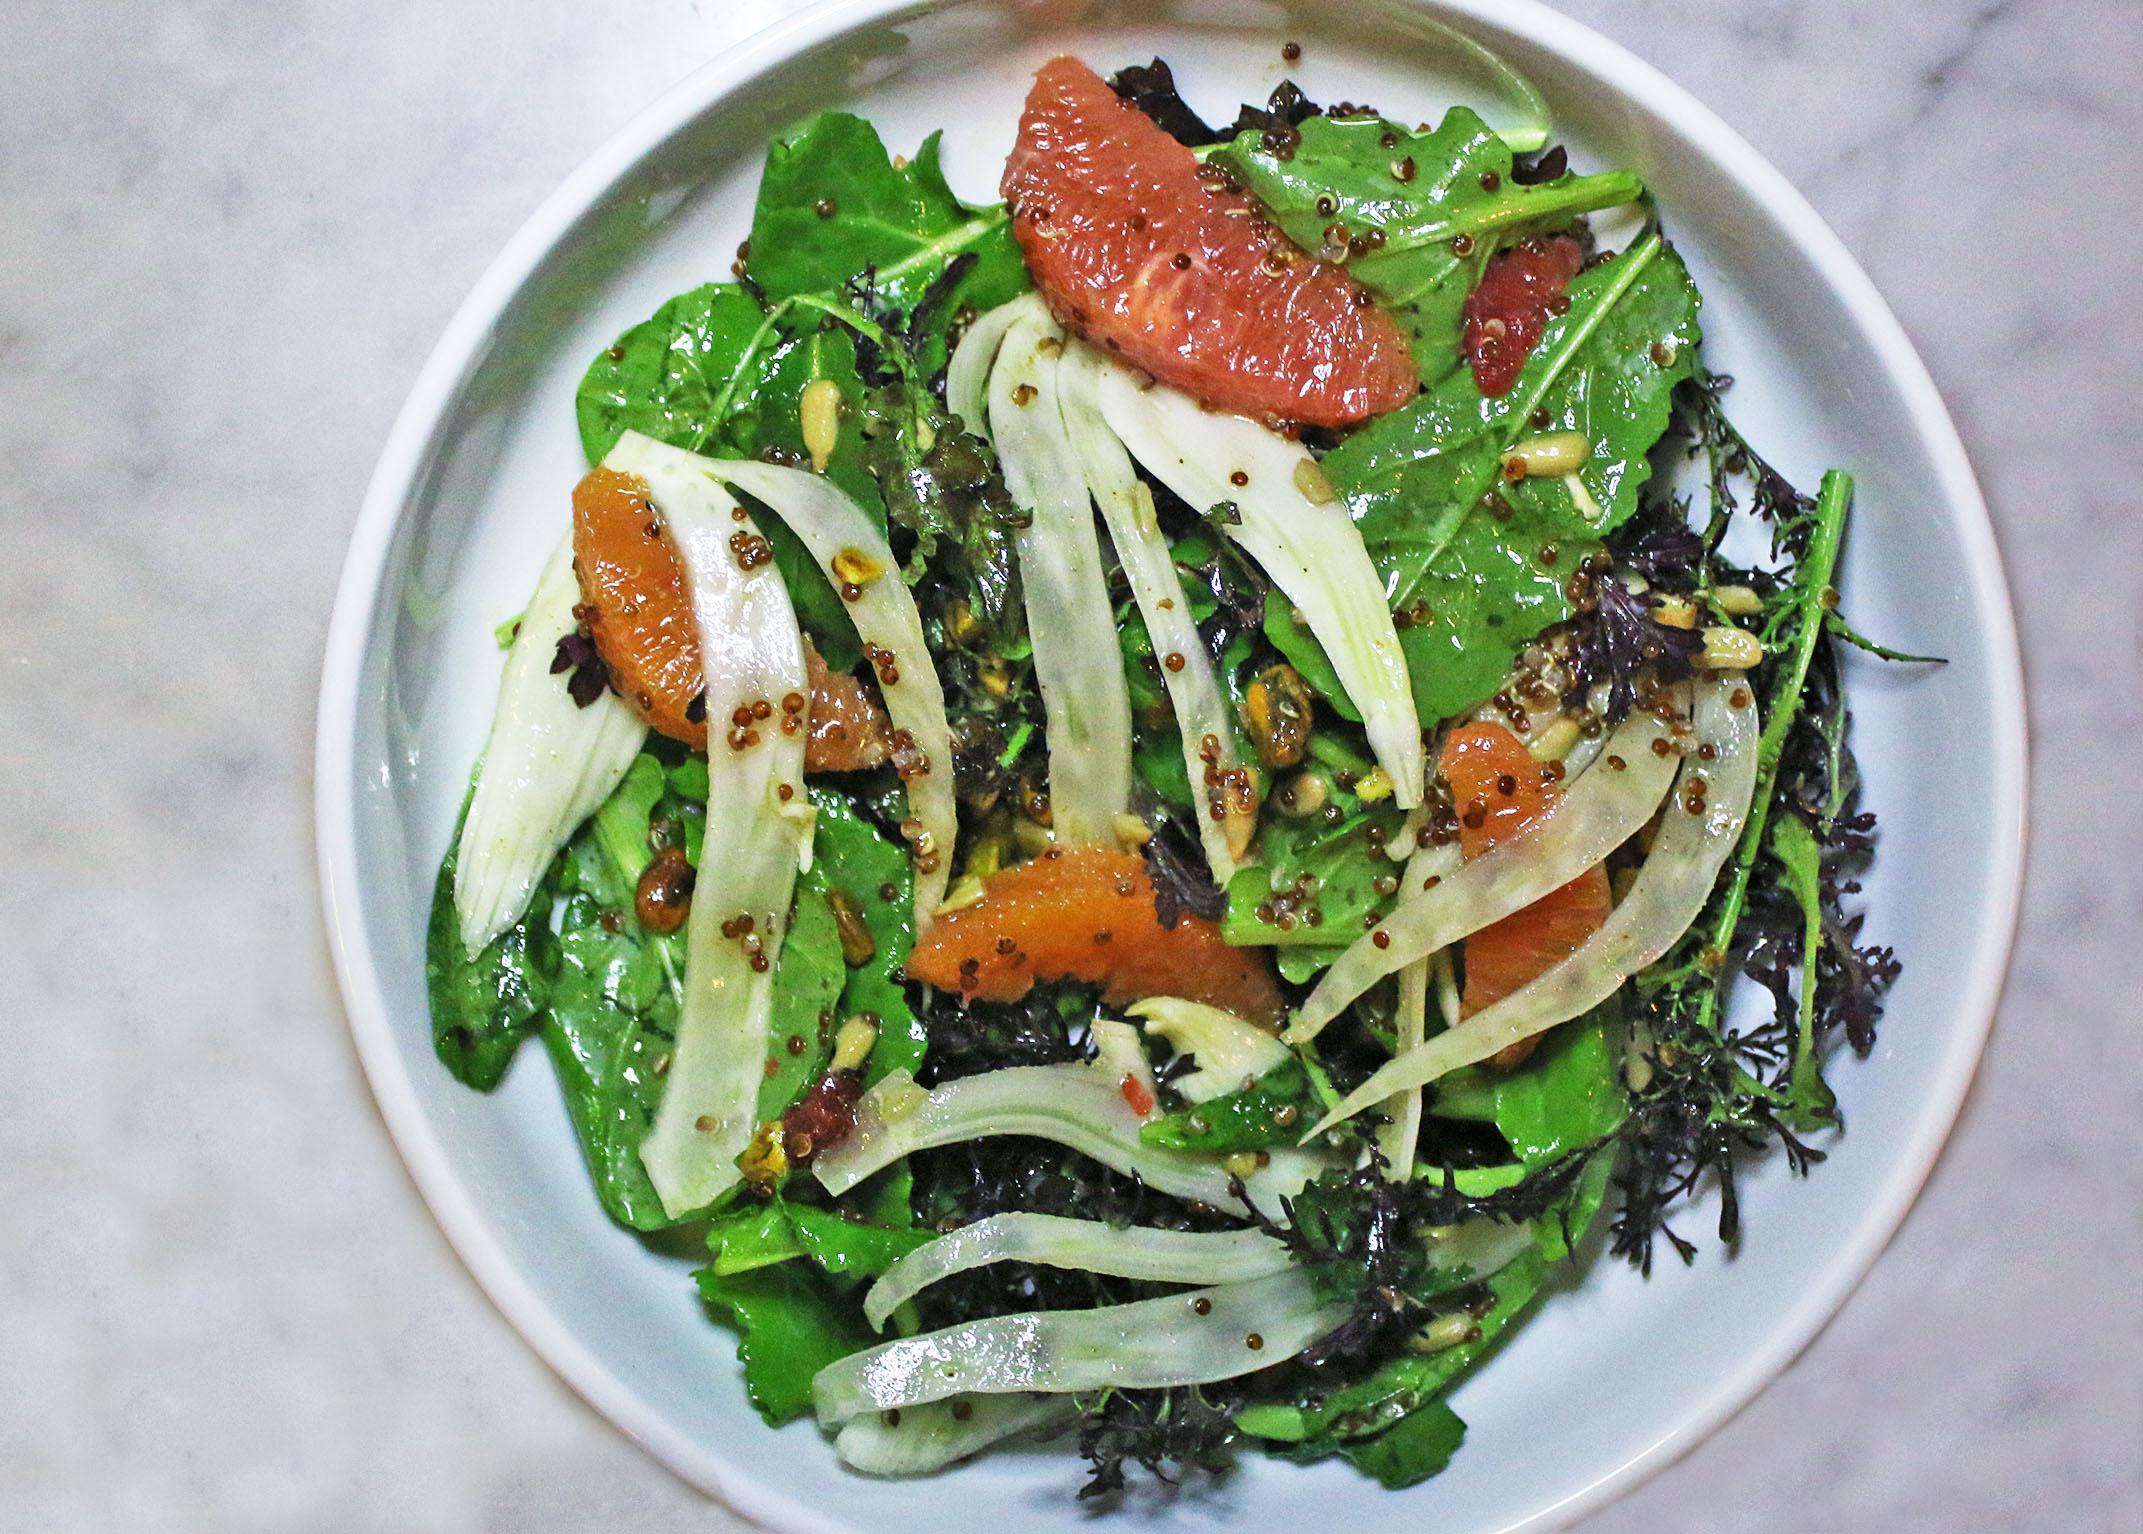 CITRUS & FENNEL SALAD: grapefruit, cara cara, blood orange, quinoa, greens, pistachio